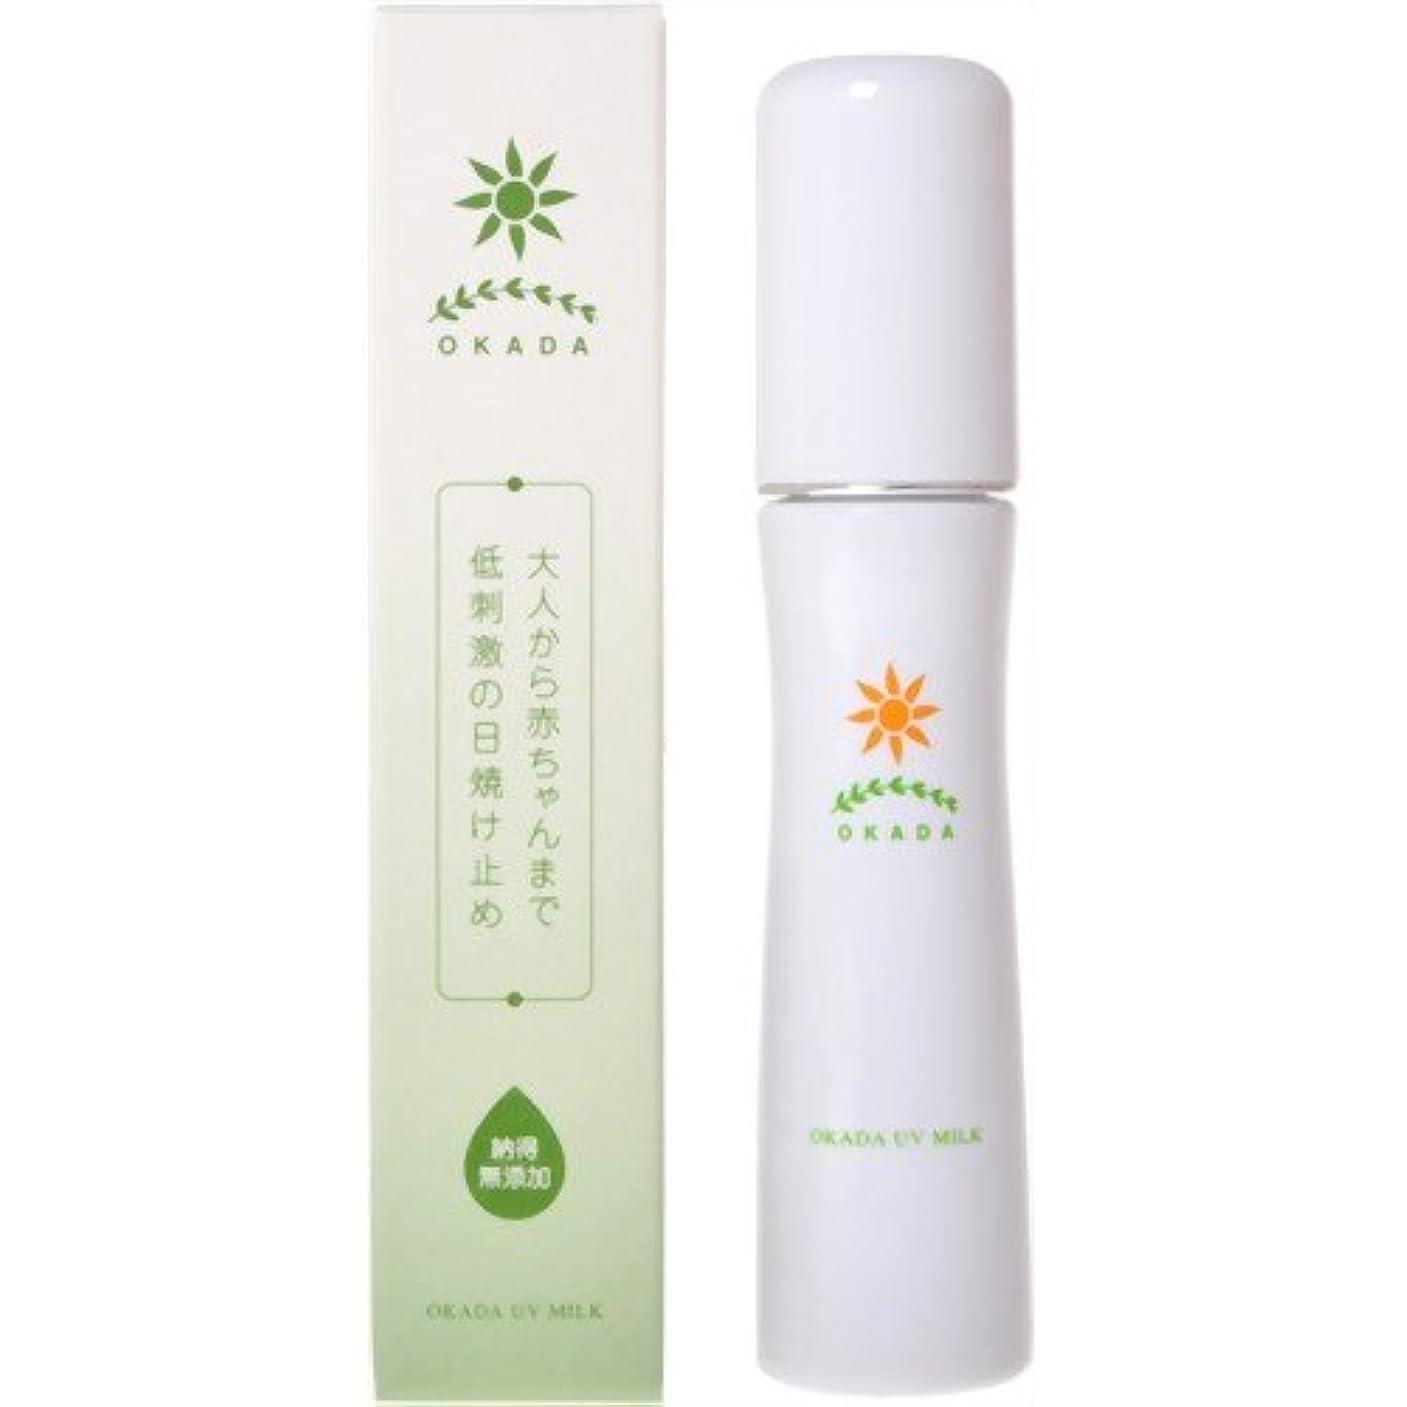 コマースシャッターなんとなく無添加工房OKADA 天然由来100% 岡田UVミルク(日焼け止め乳液) 50g